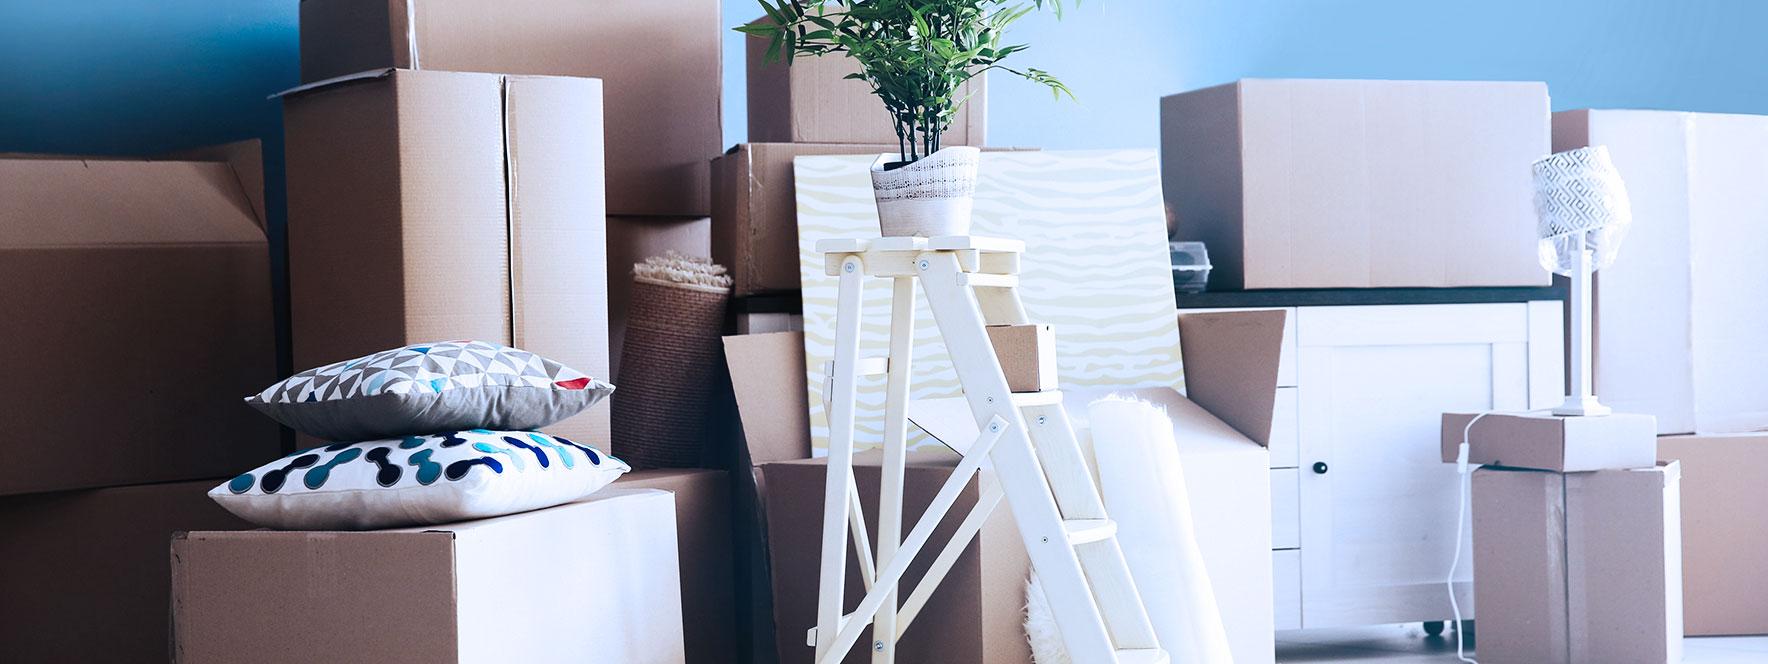 7 conseils pour déménager sans se blesser - Blogue du Réseau